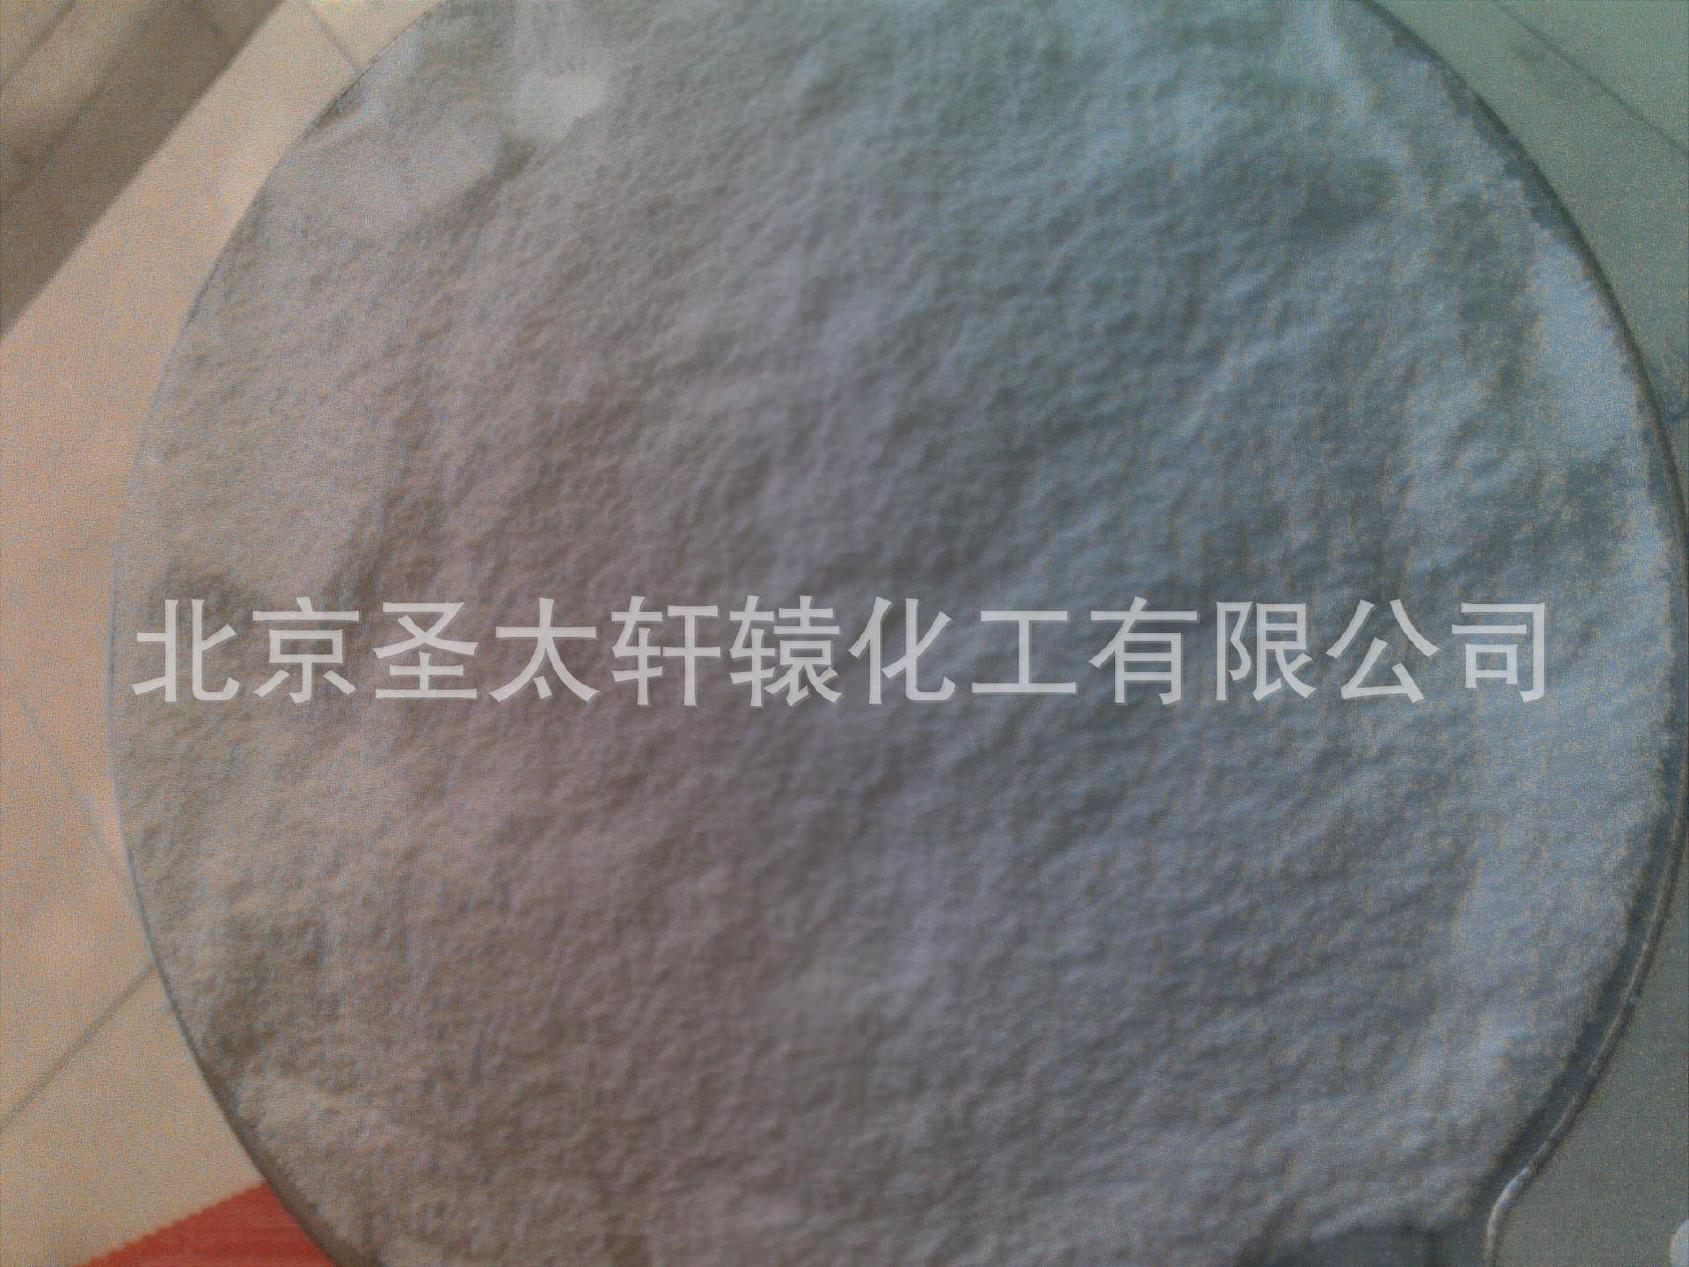 碳酸钠特价纯碱 海化食品级纯碱 高品质优质纯碱碳酸钠 纯碱价格示例图33